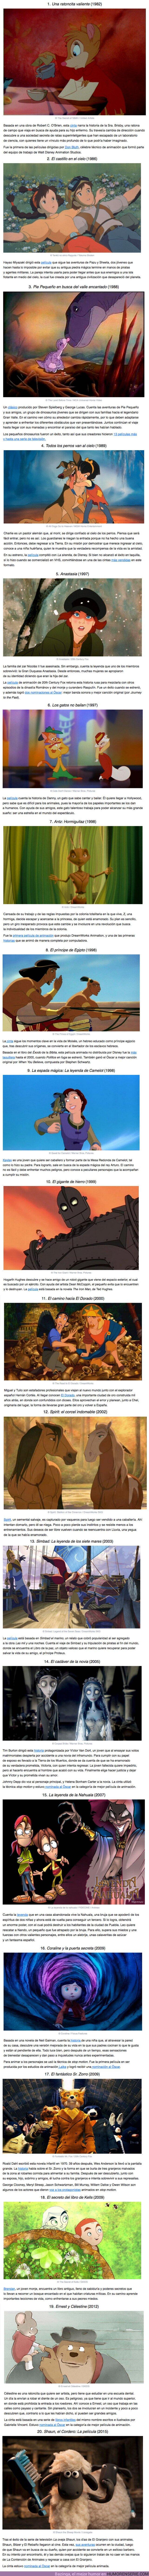 55172 - GALERÍA: 20 Películas animadas que no son de Disney, pero que igualmente nos robaron el corazón cuando las vimos